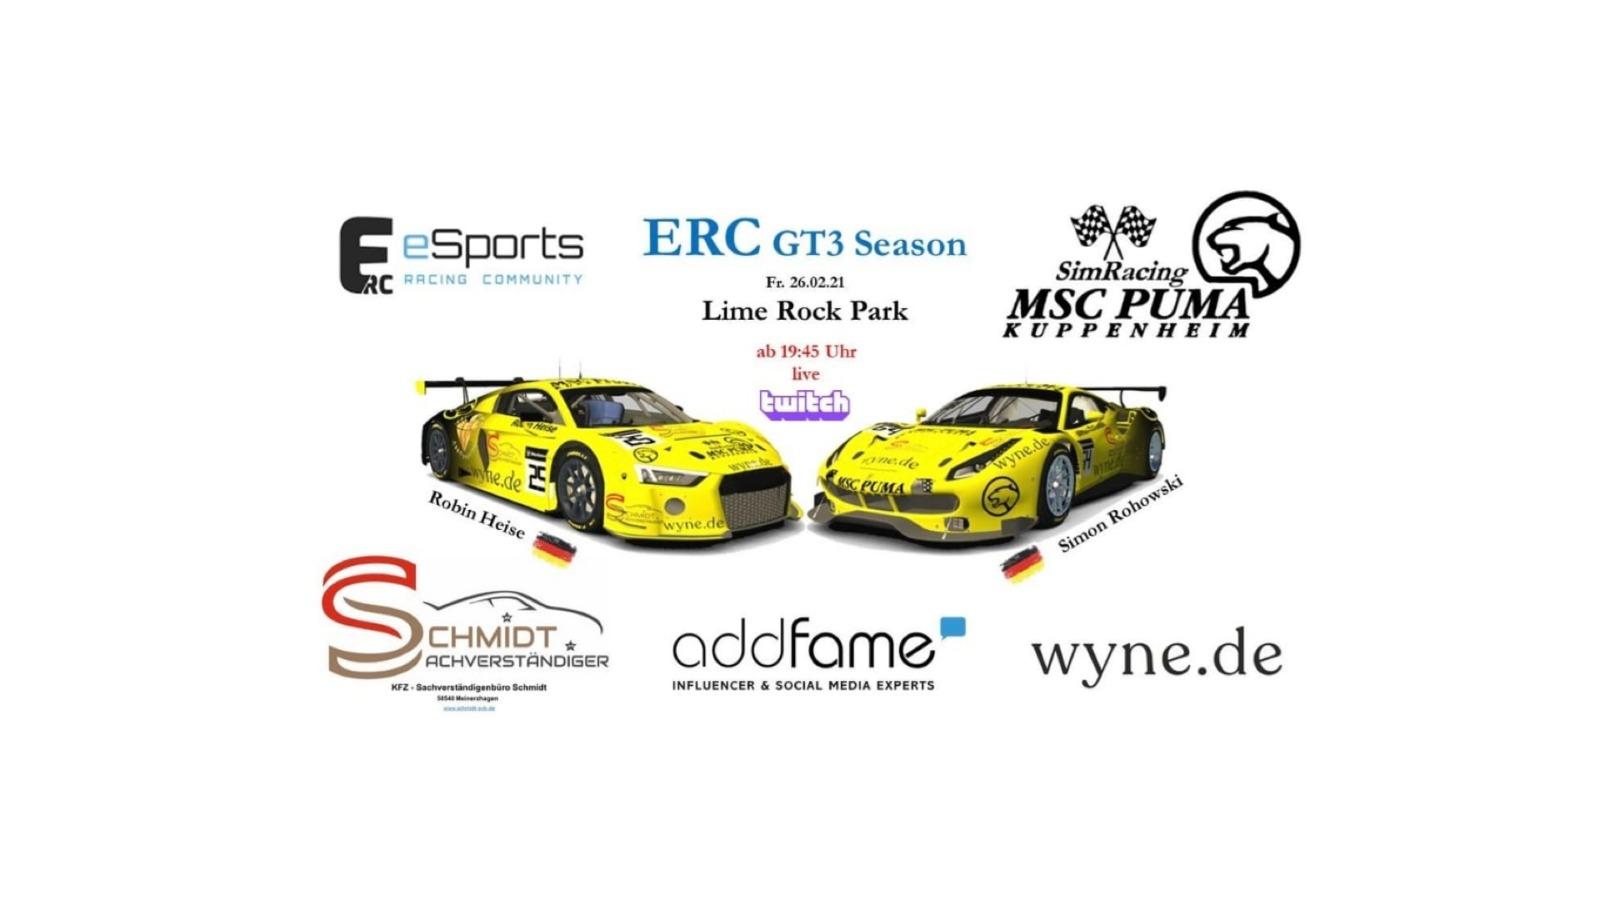 ERC GT3 Season Lime Rock Park